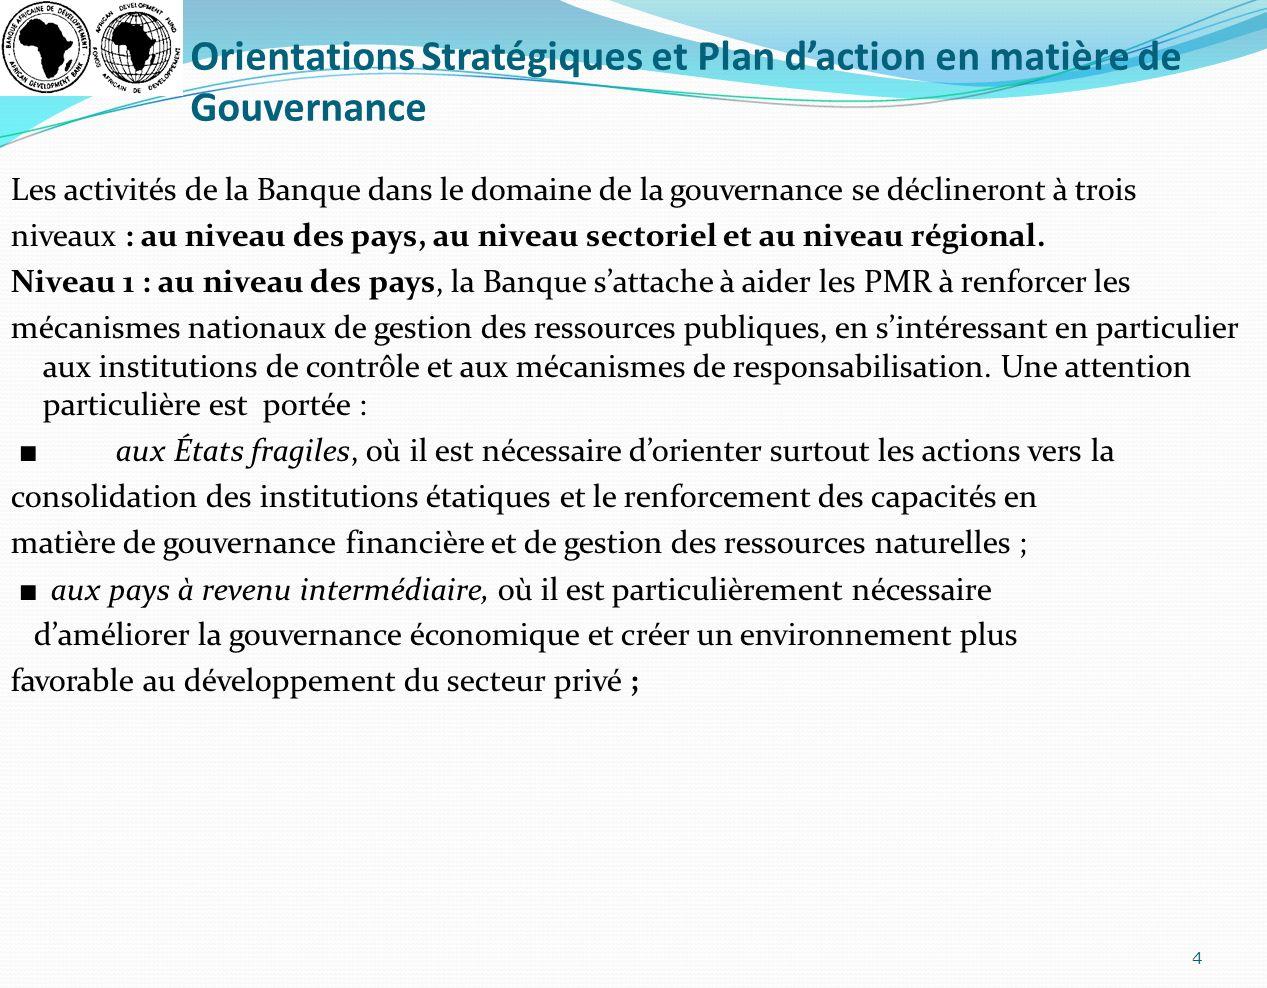 Orientations Stratégiques et Plan d'action en matière de Gouvernance